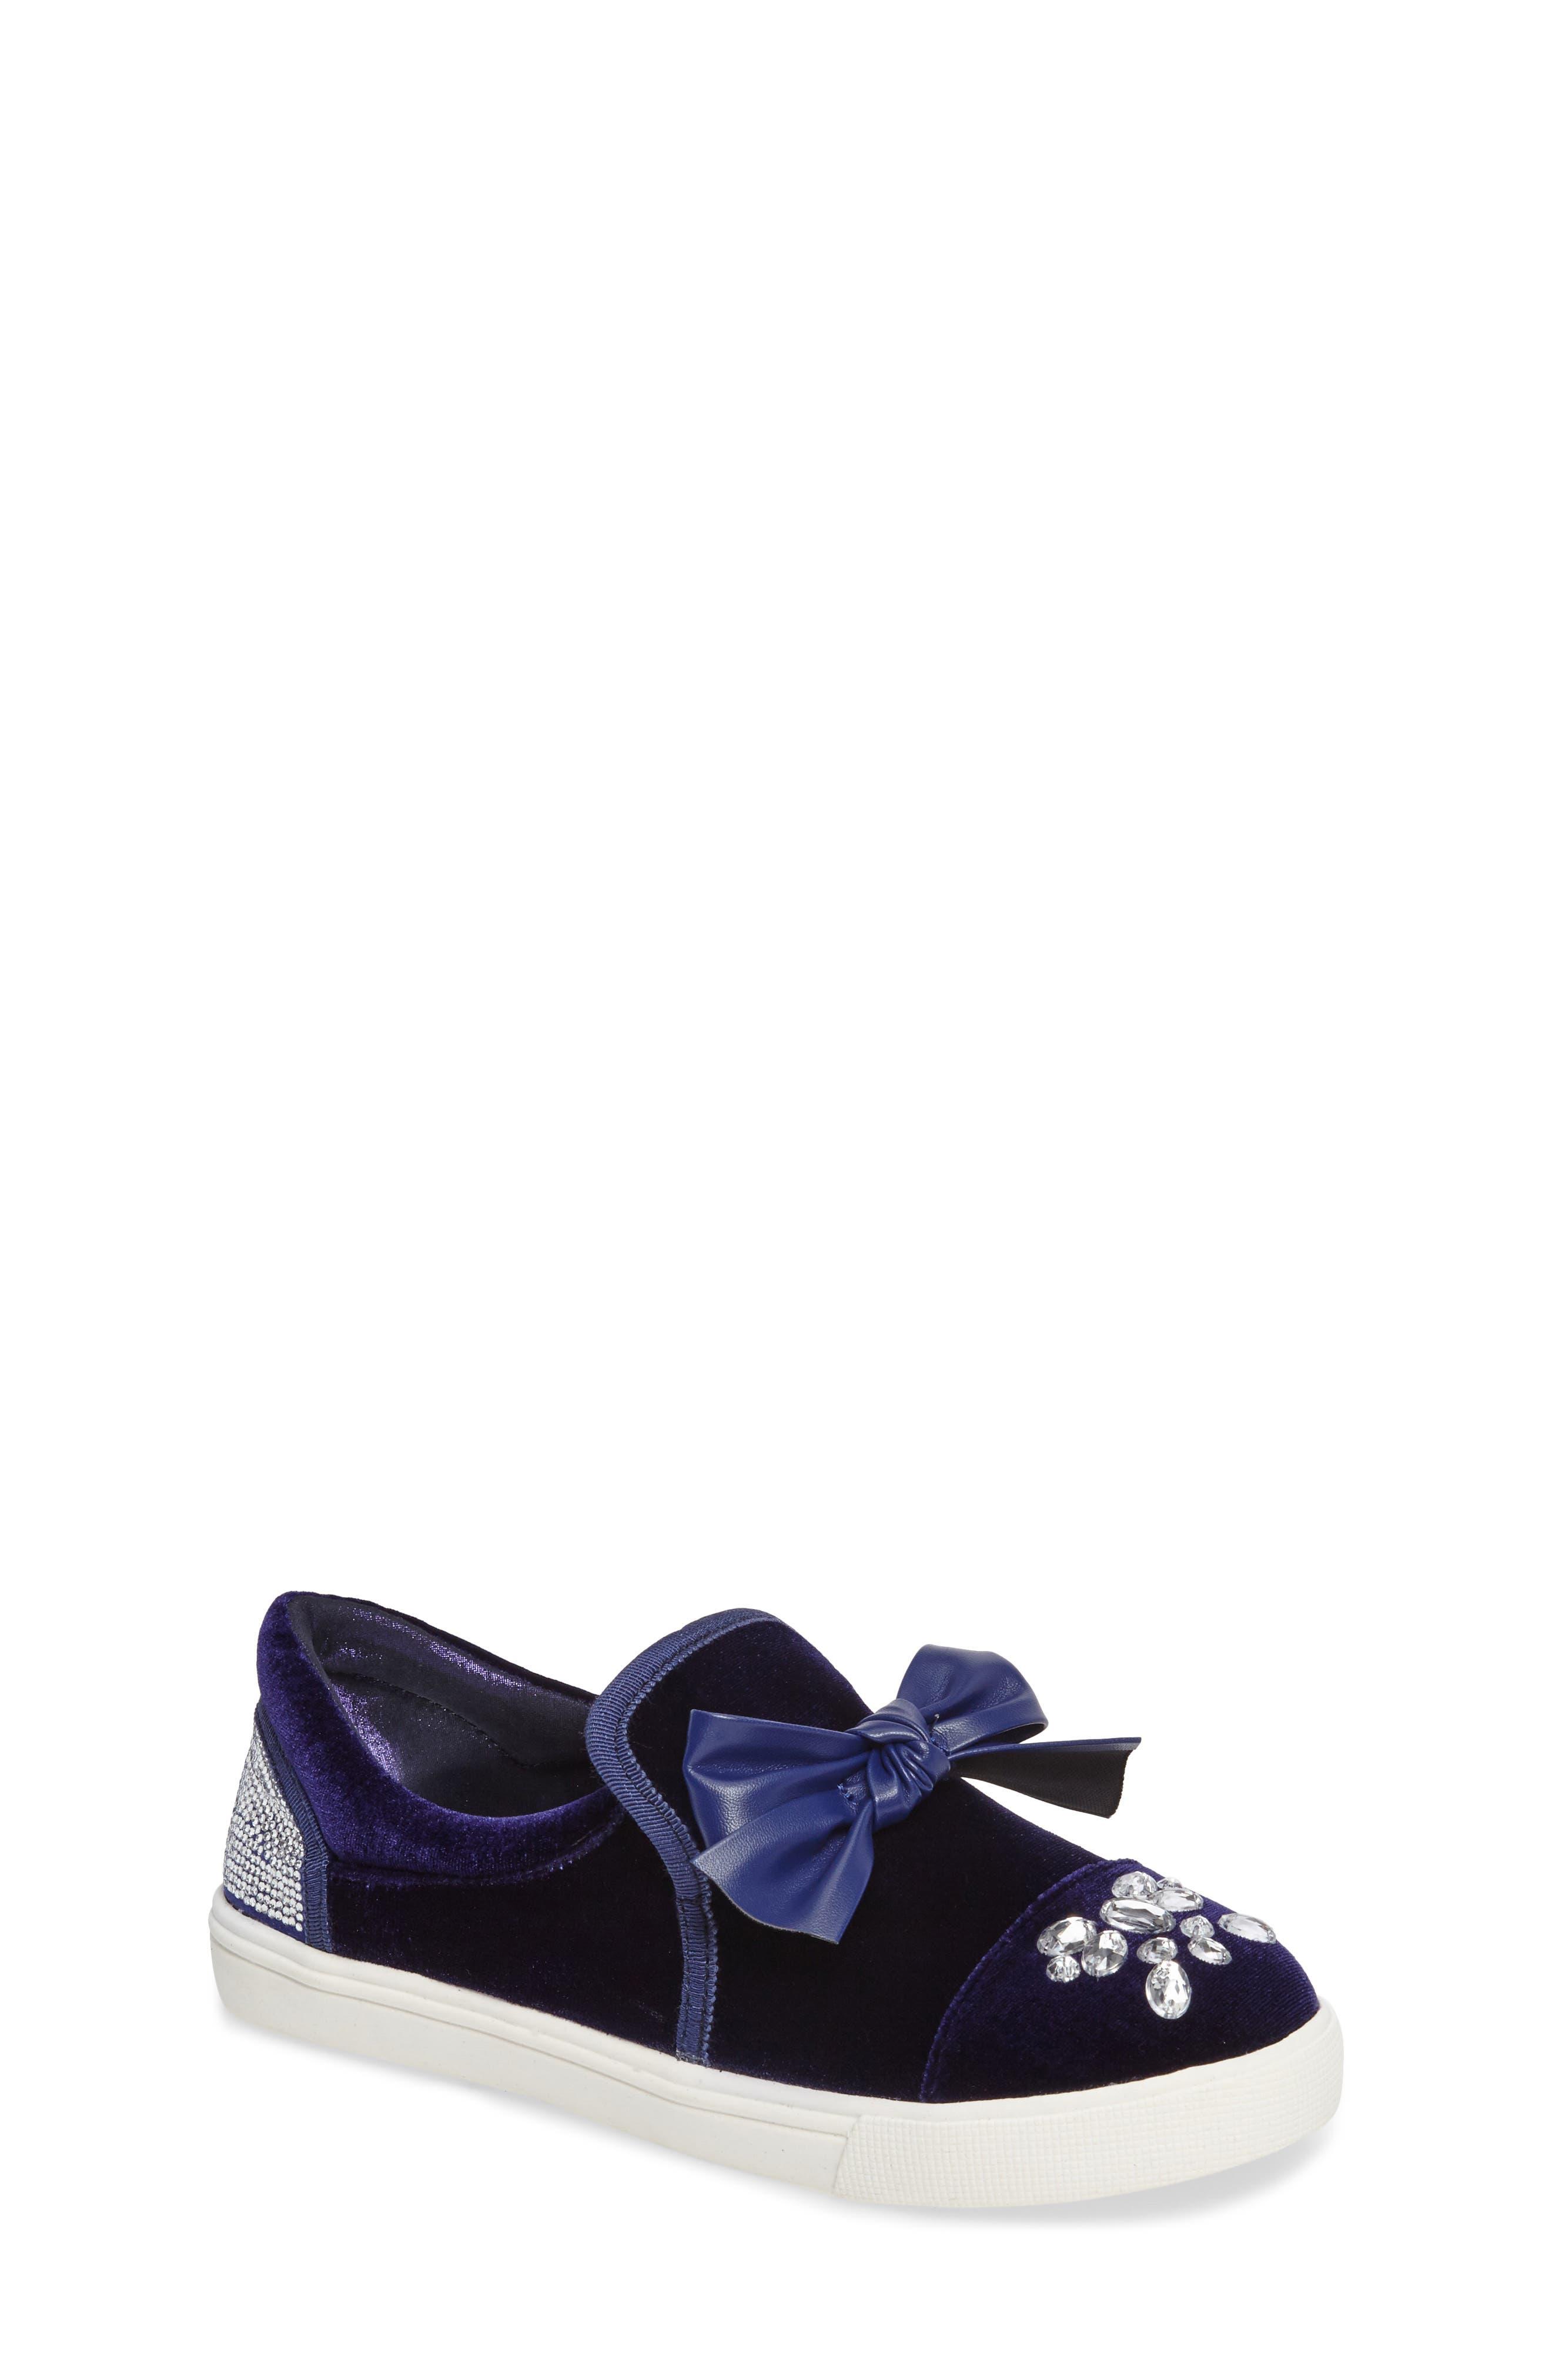 Main Image - Badgley Mischka Delight Embellished Slip-On Sneaker (Toddler, Little Kid & Big Kid)